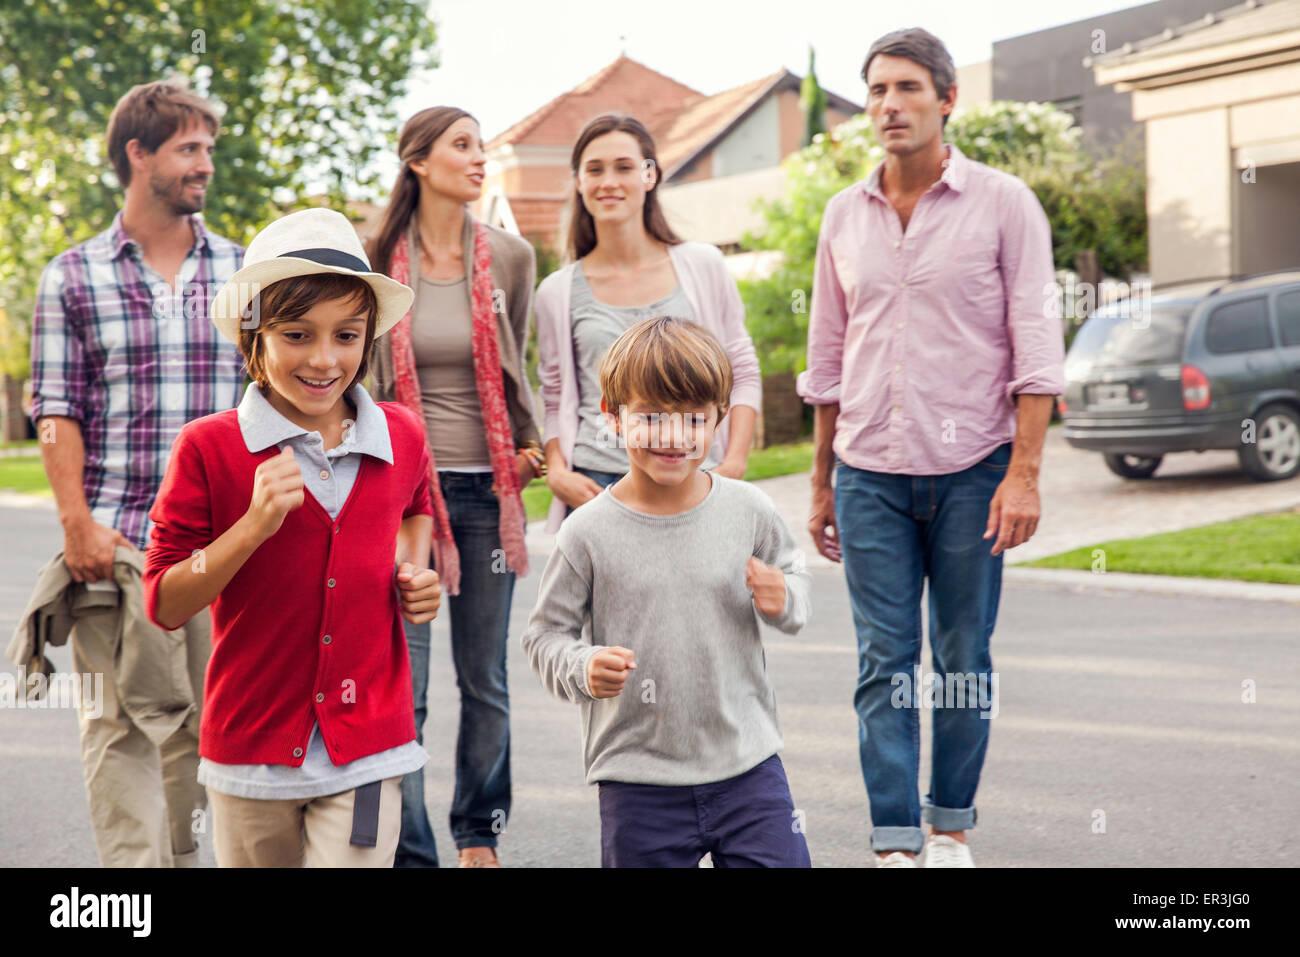 Familia caminando juntos a través de la vecindad suburbana Imagen De Stock